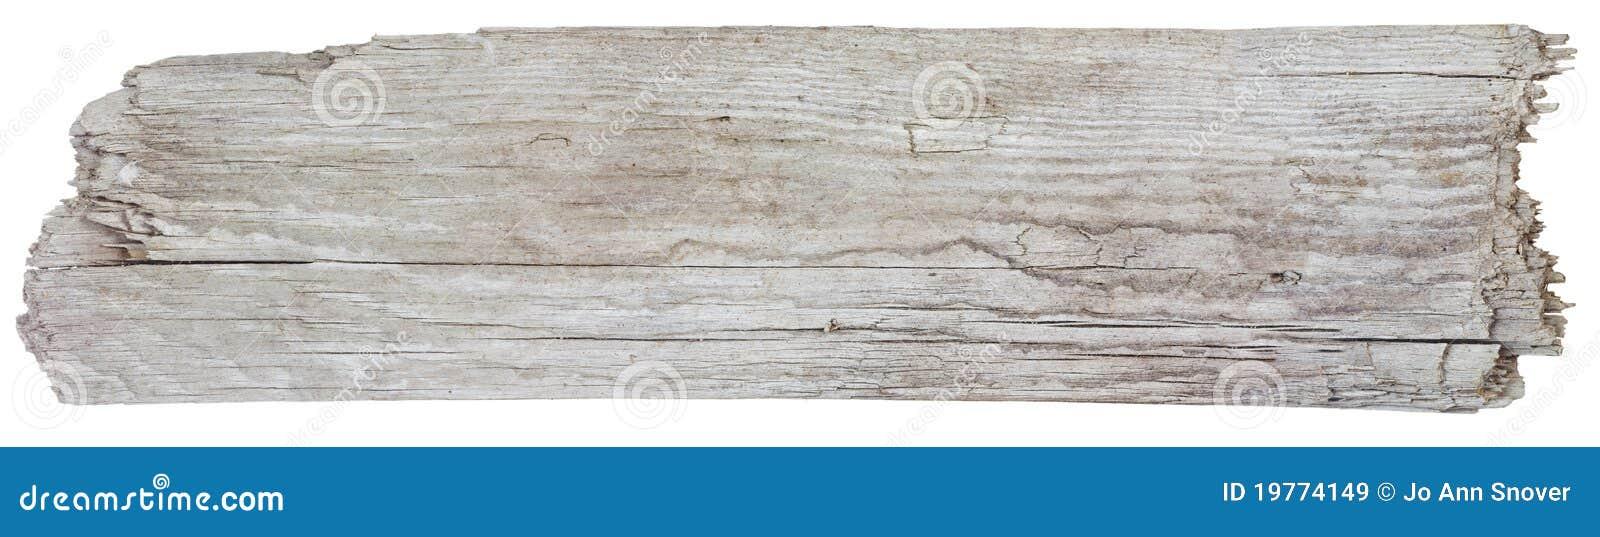 Driftwood deska